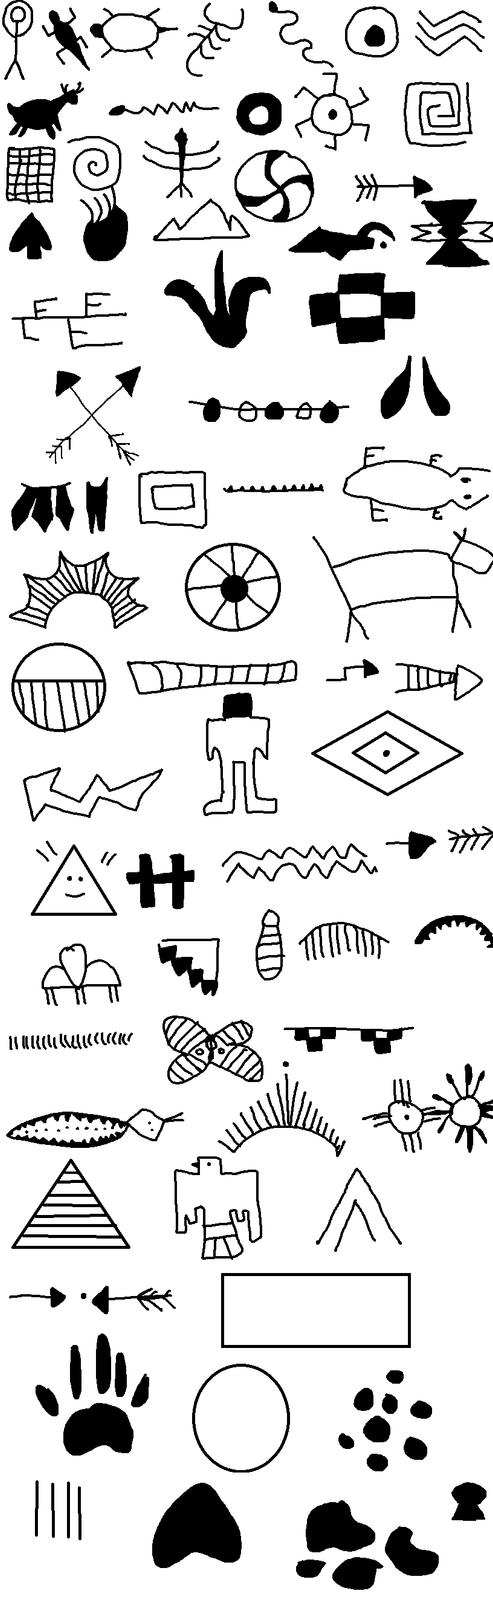 Native American Wisdom Symbols | www.pixshark.com - Images ...